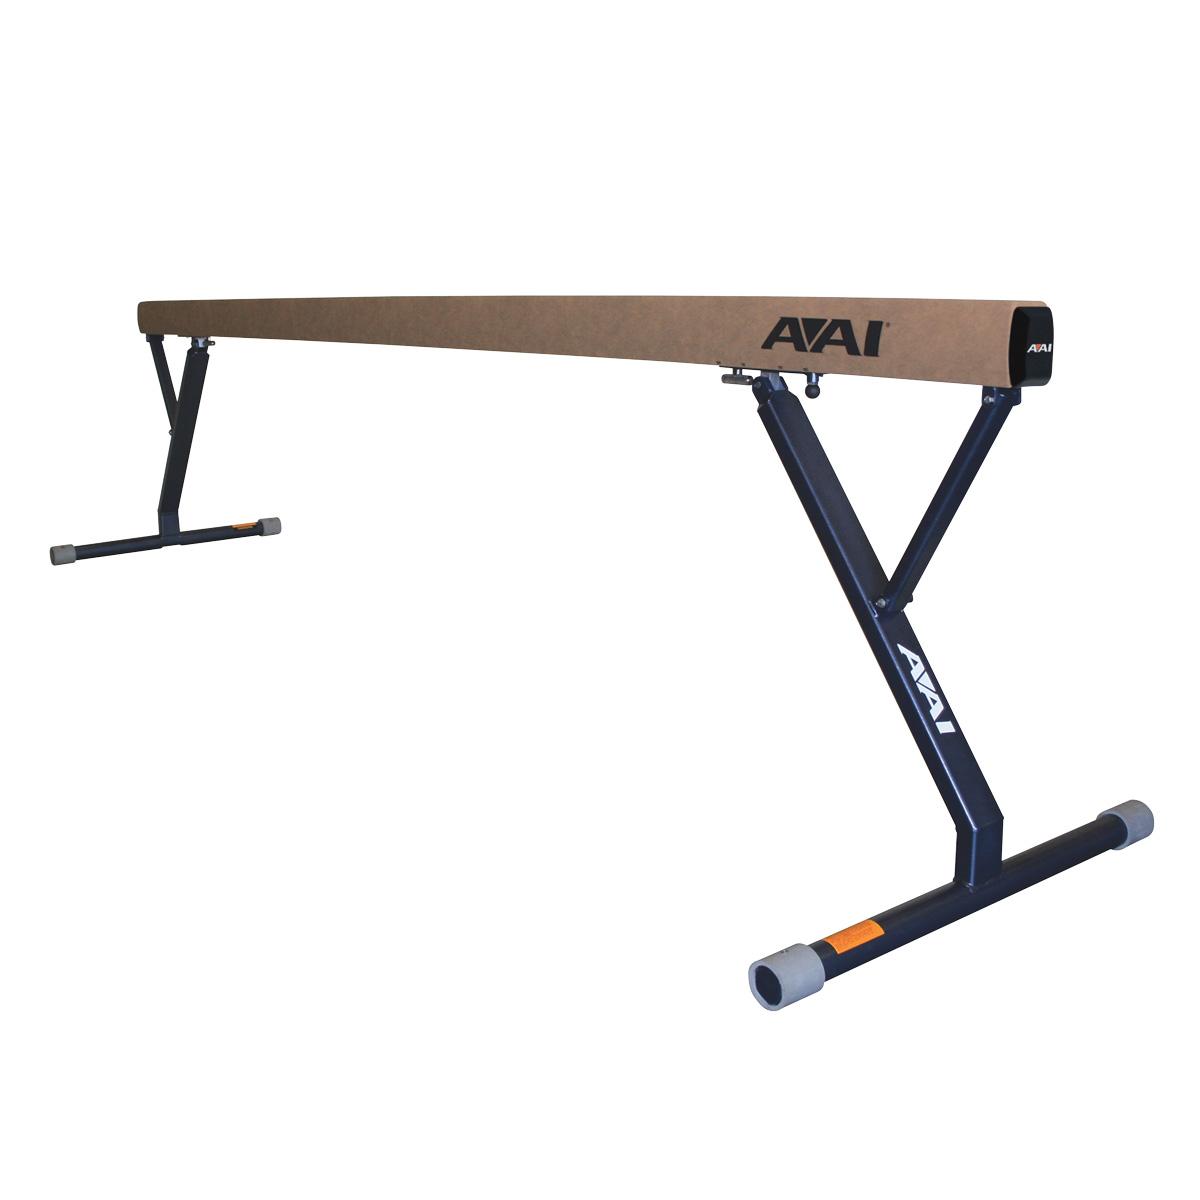 AAI Elite Reflex adjustable international balance beam